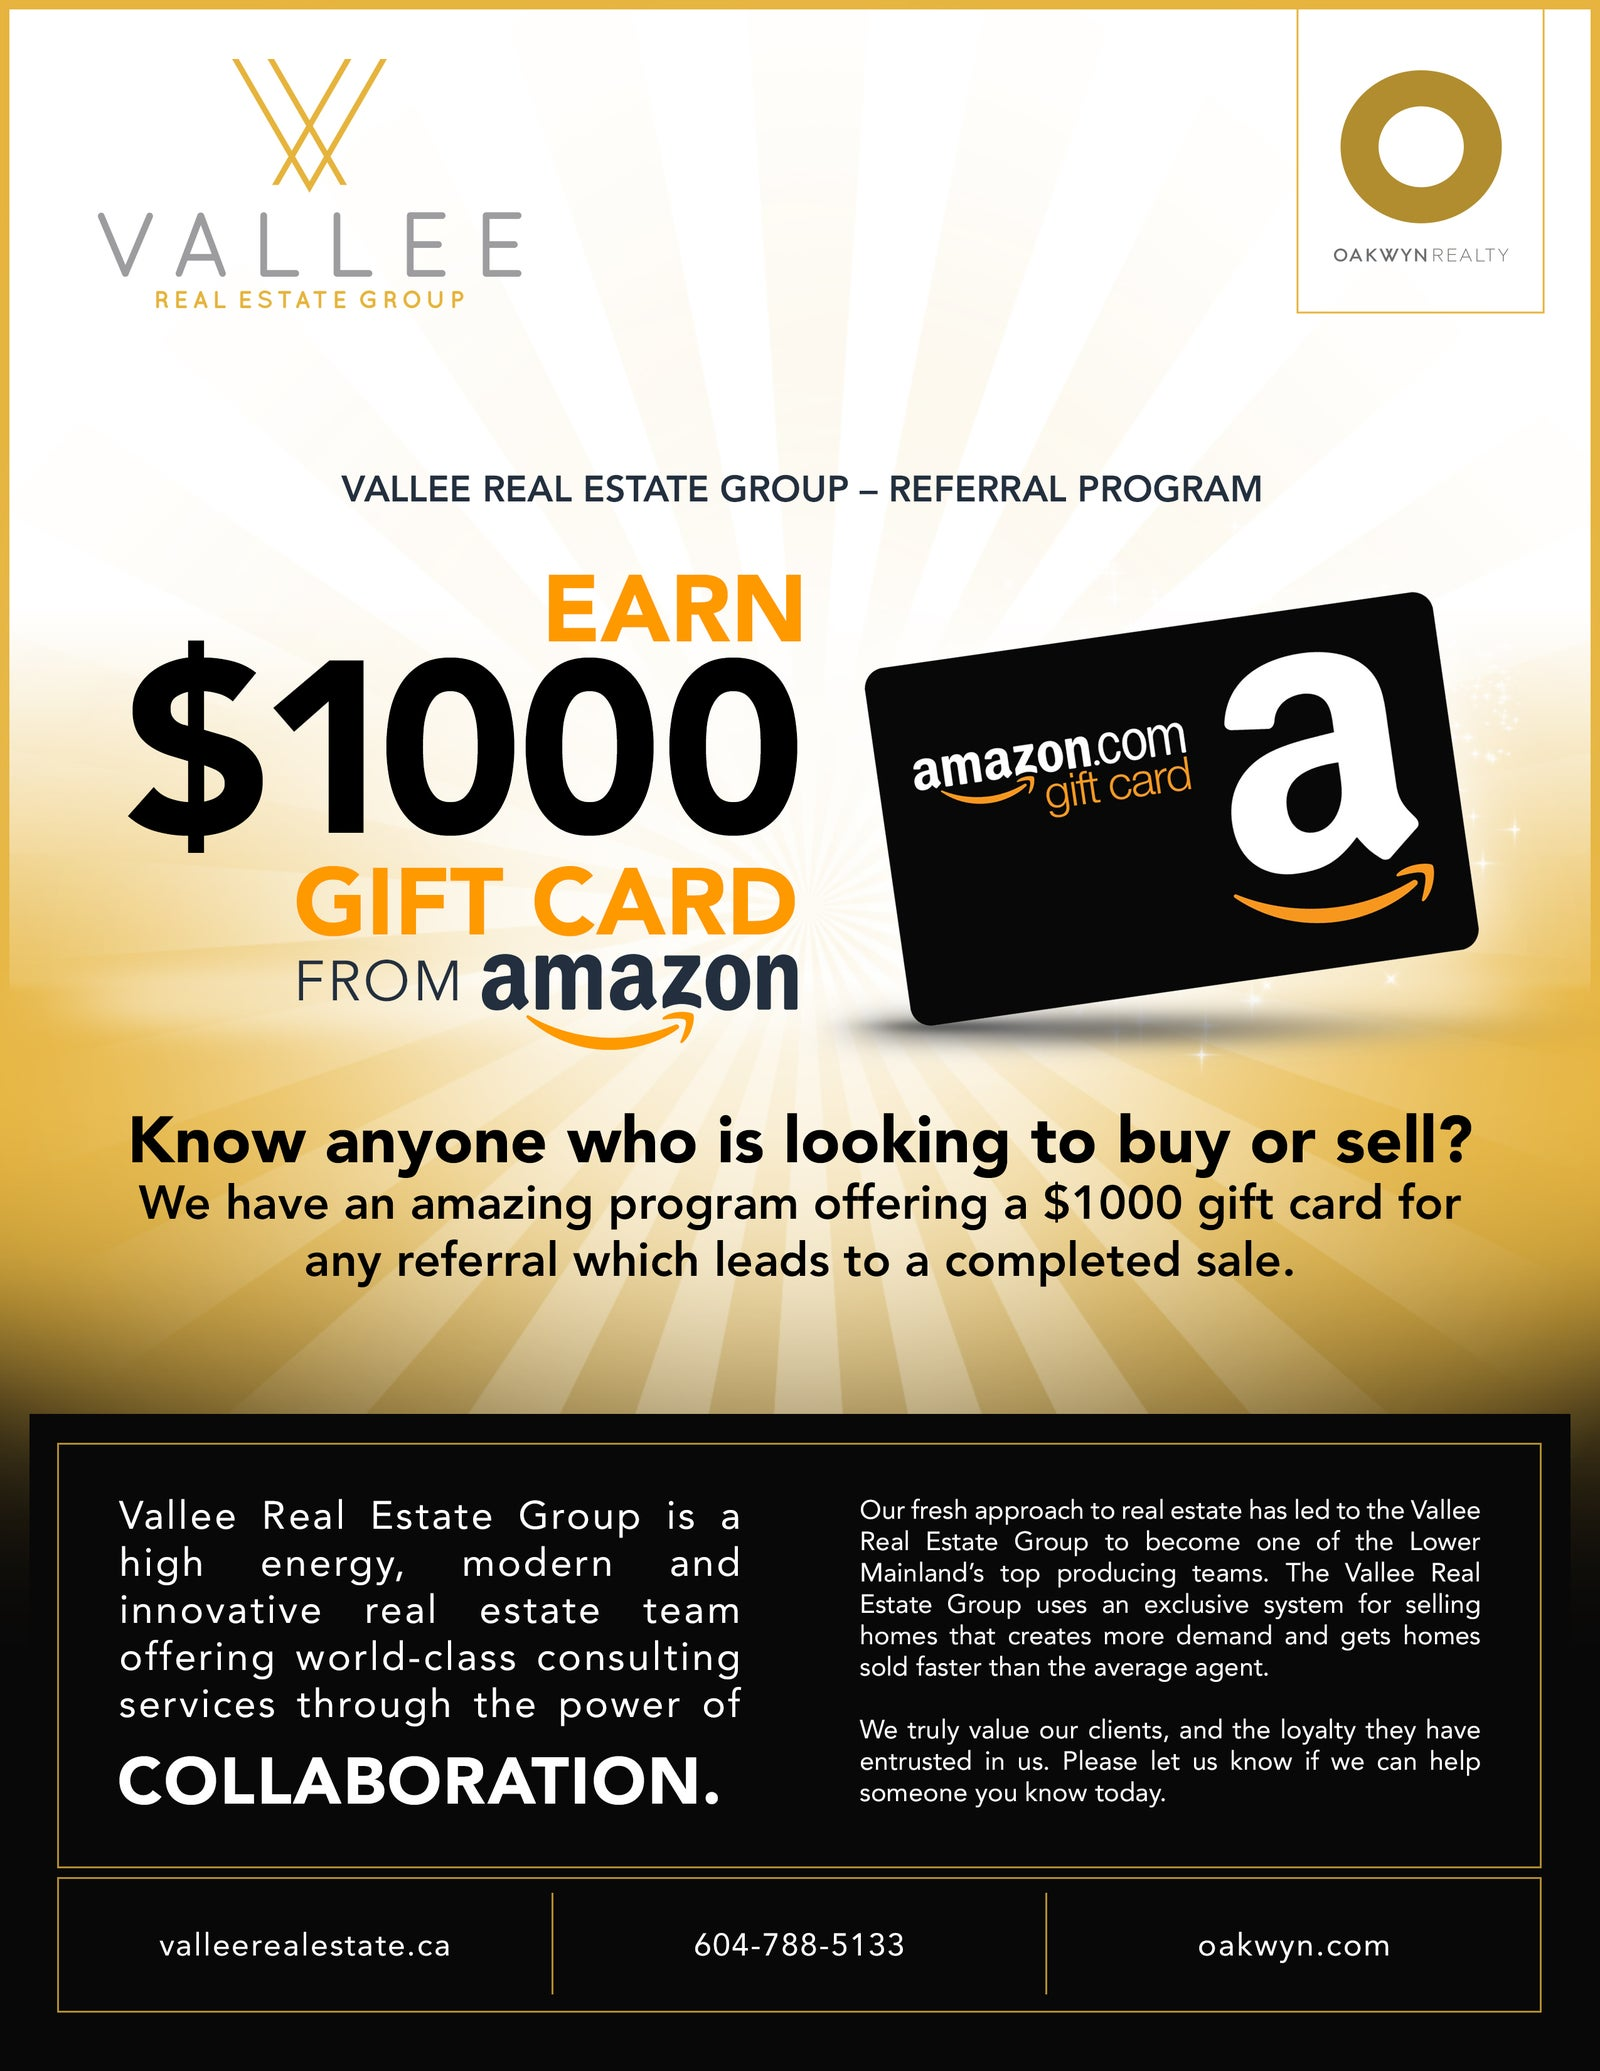 VREG REFERRAL PROGRAM EARN $1000 AMAZON GIFT CARD - Vallee